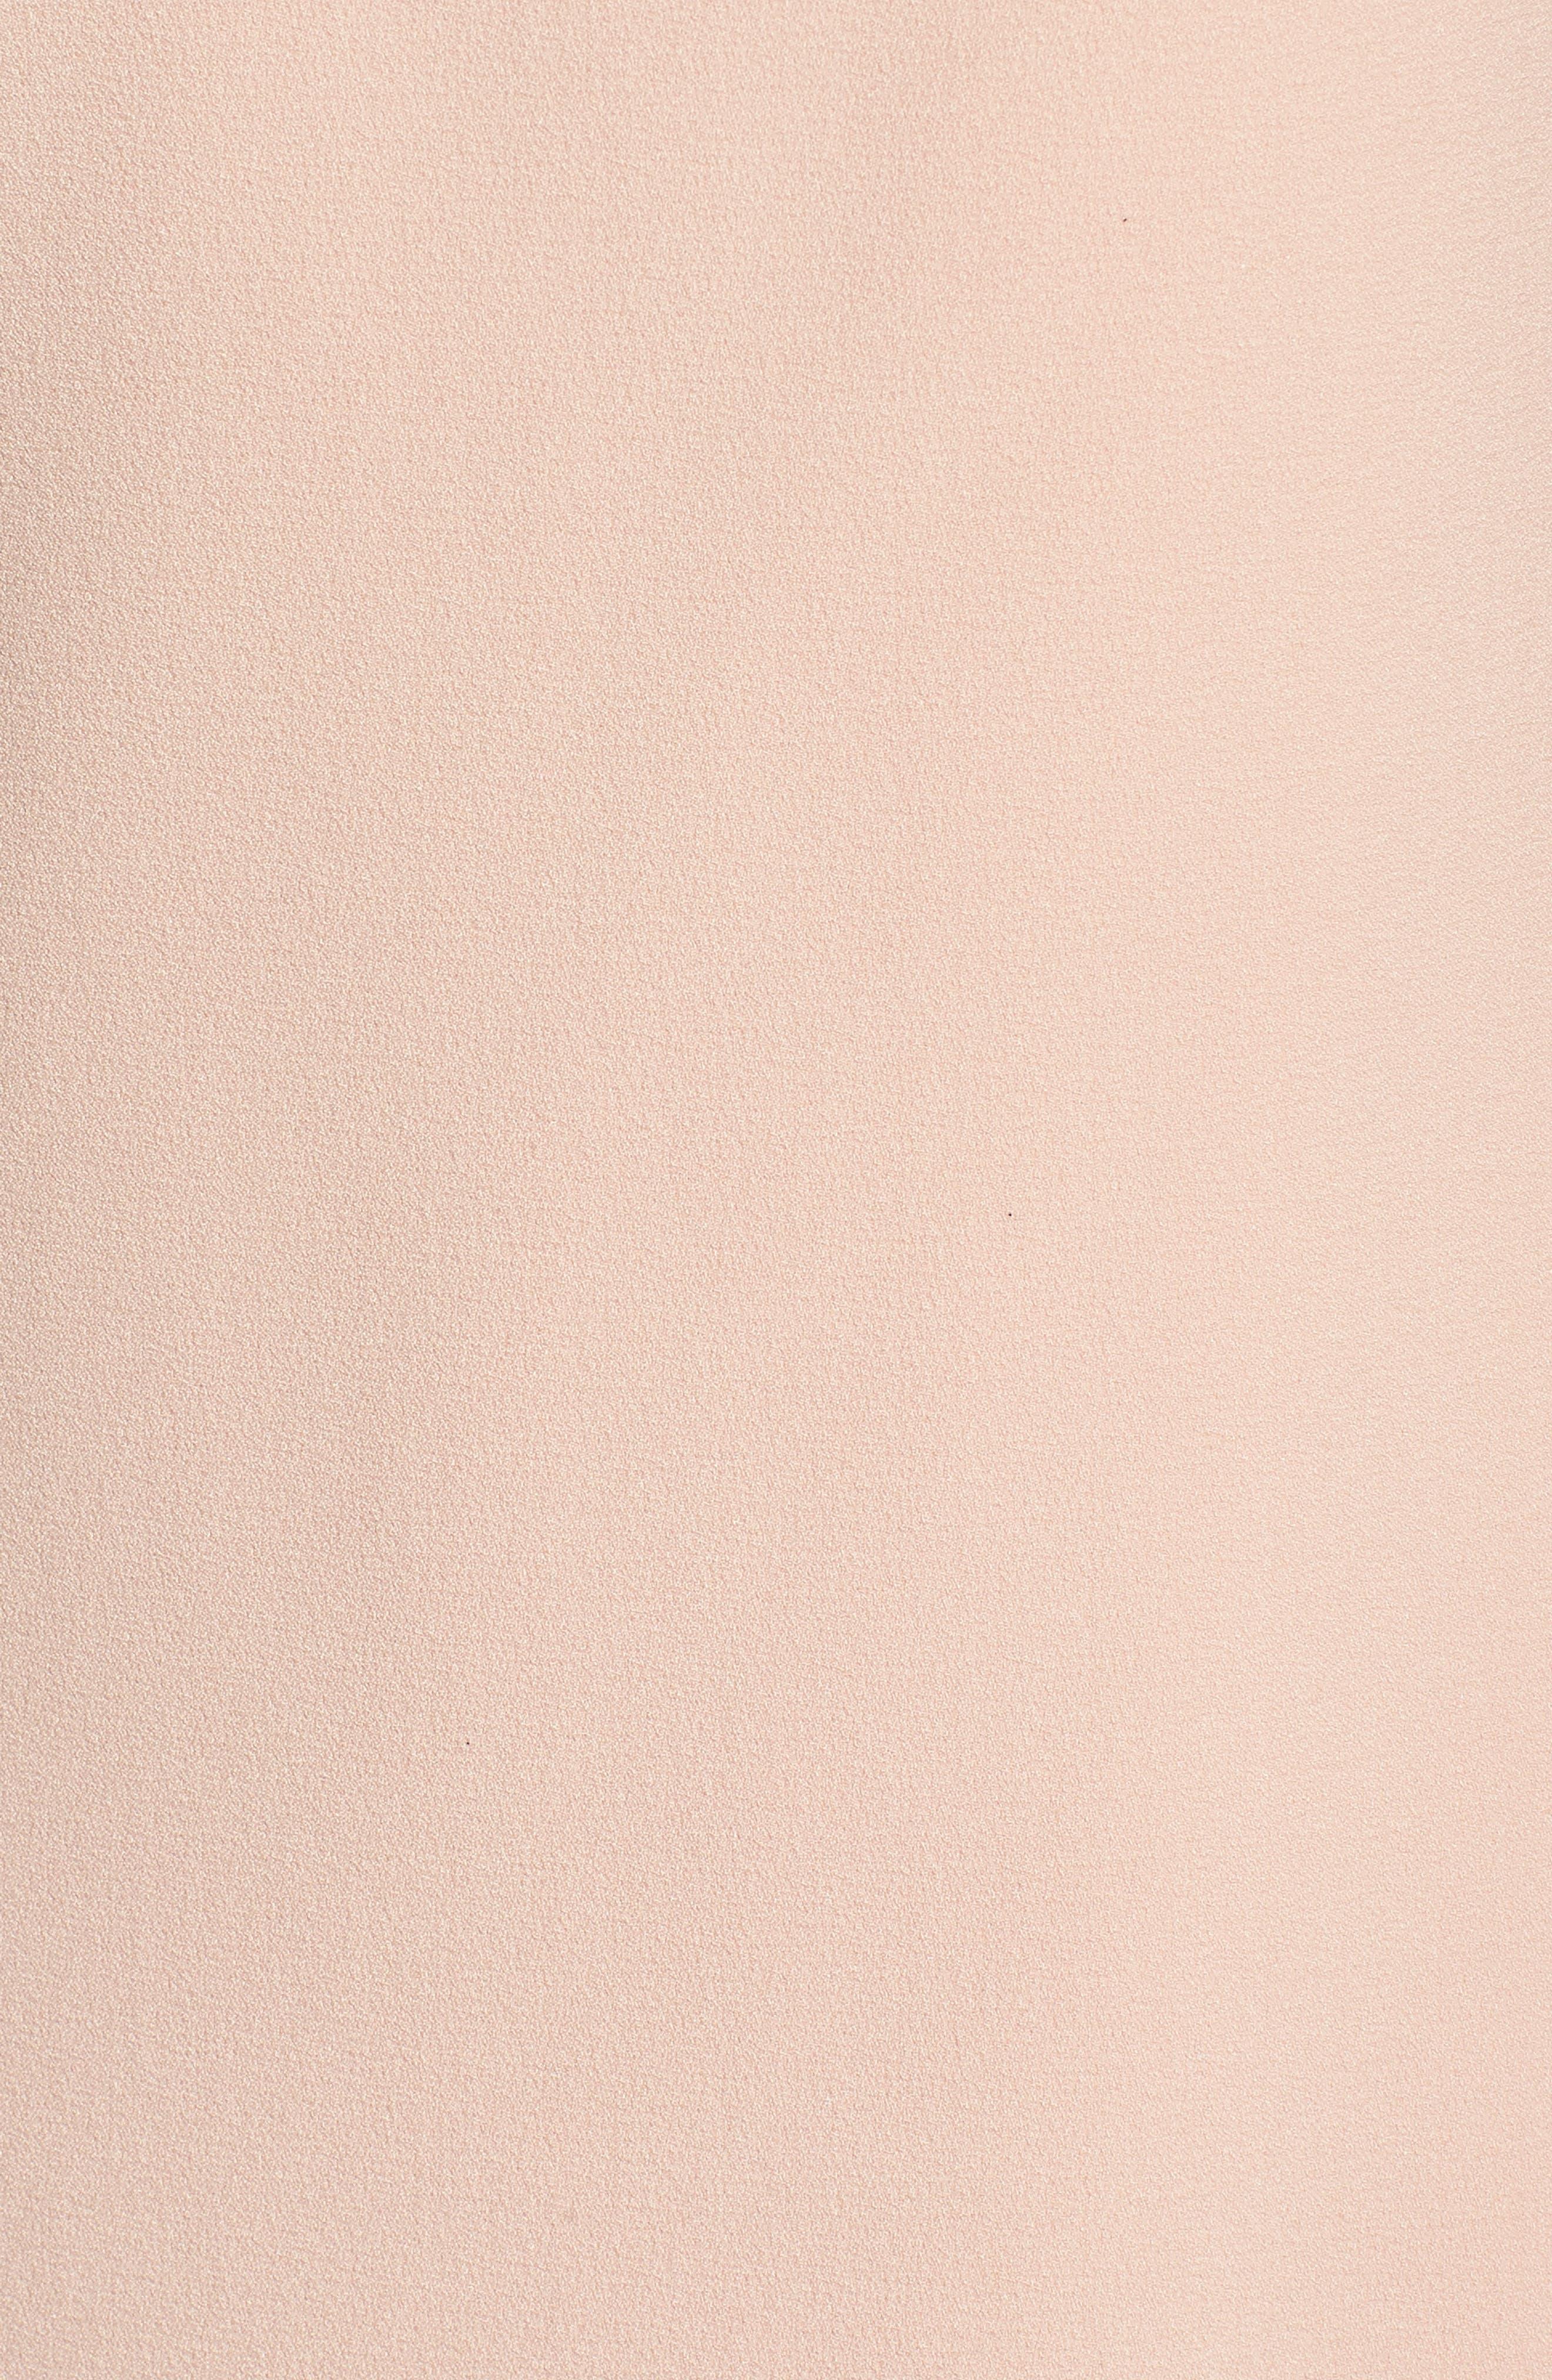 Bloused Sleeve Shift Dress,                             Alternate thumbnail 5, color,                             Blush